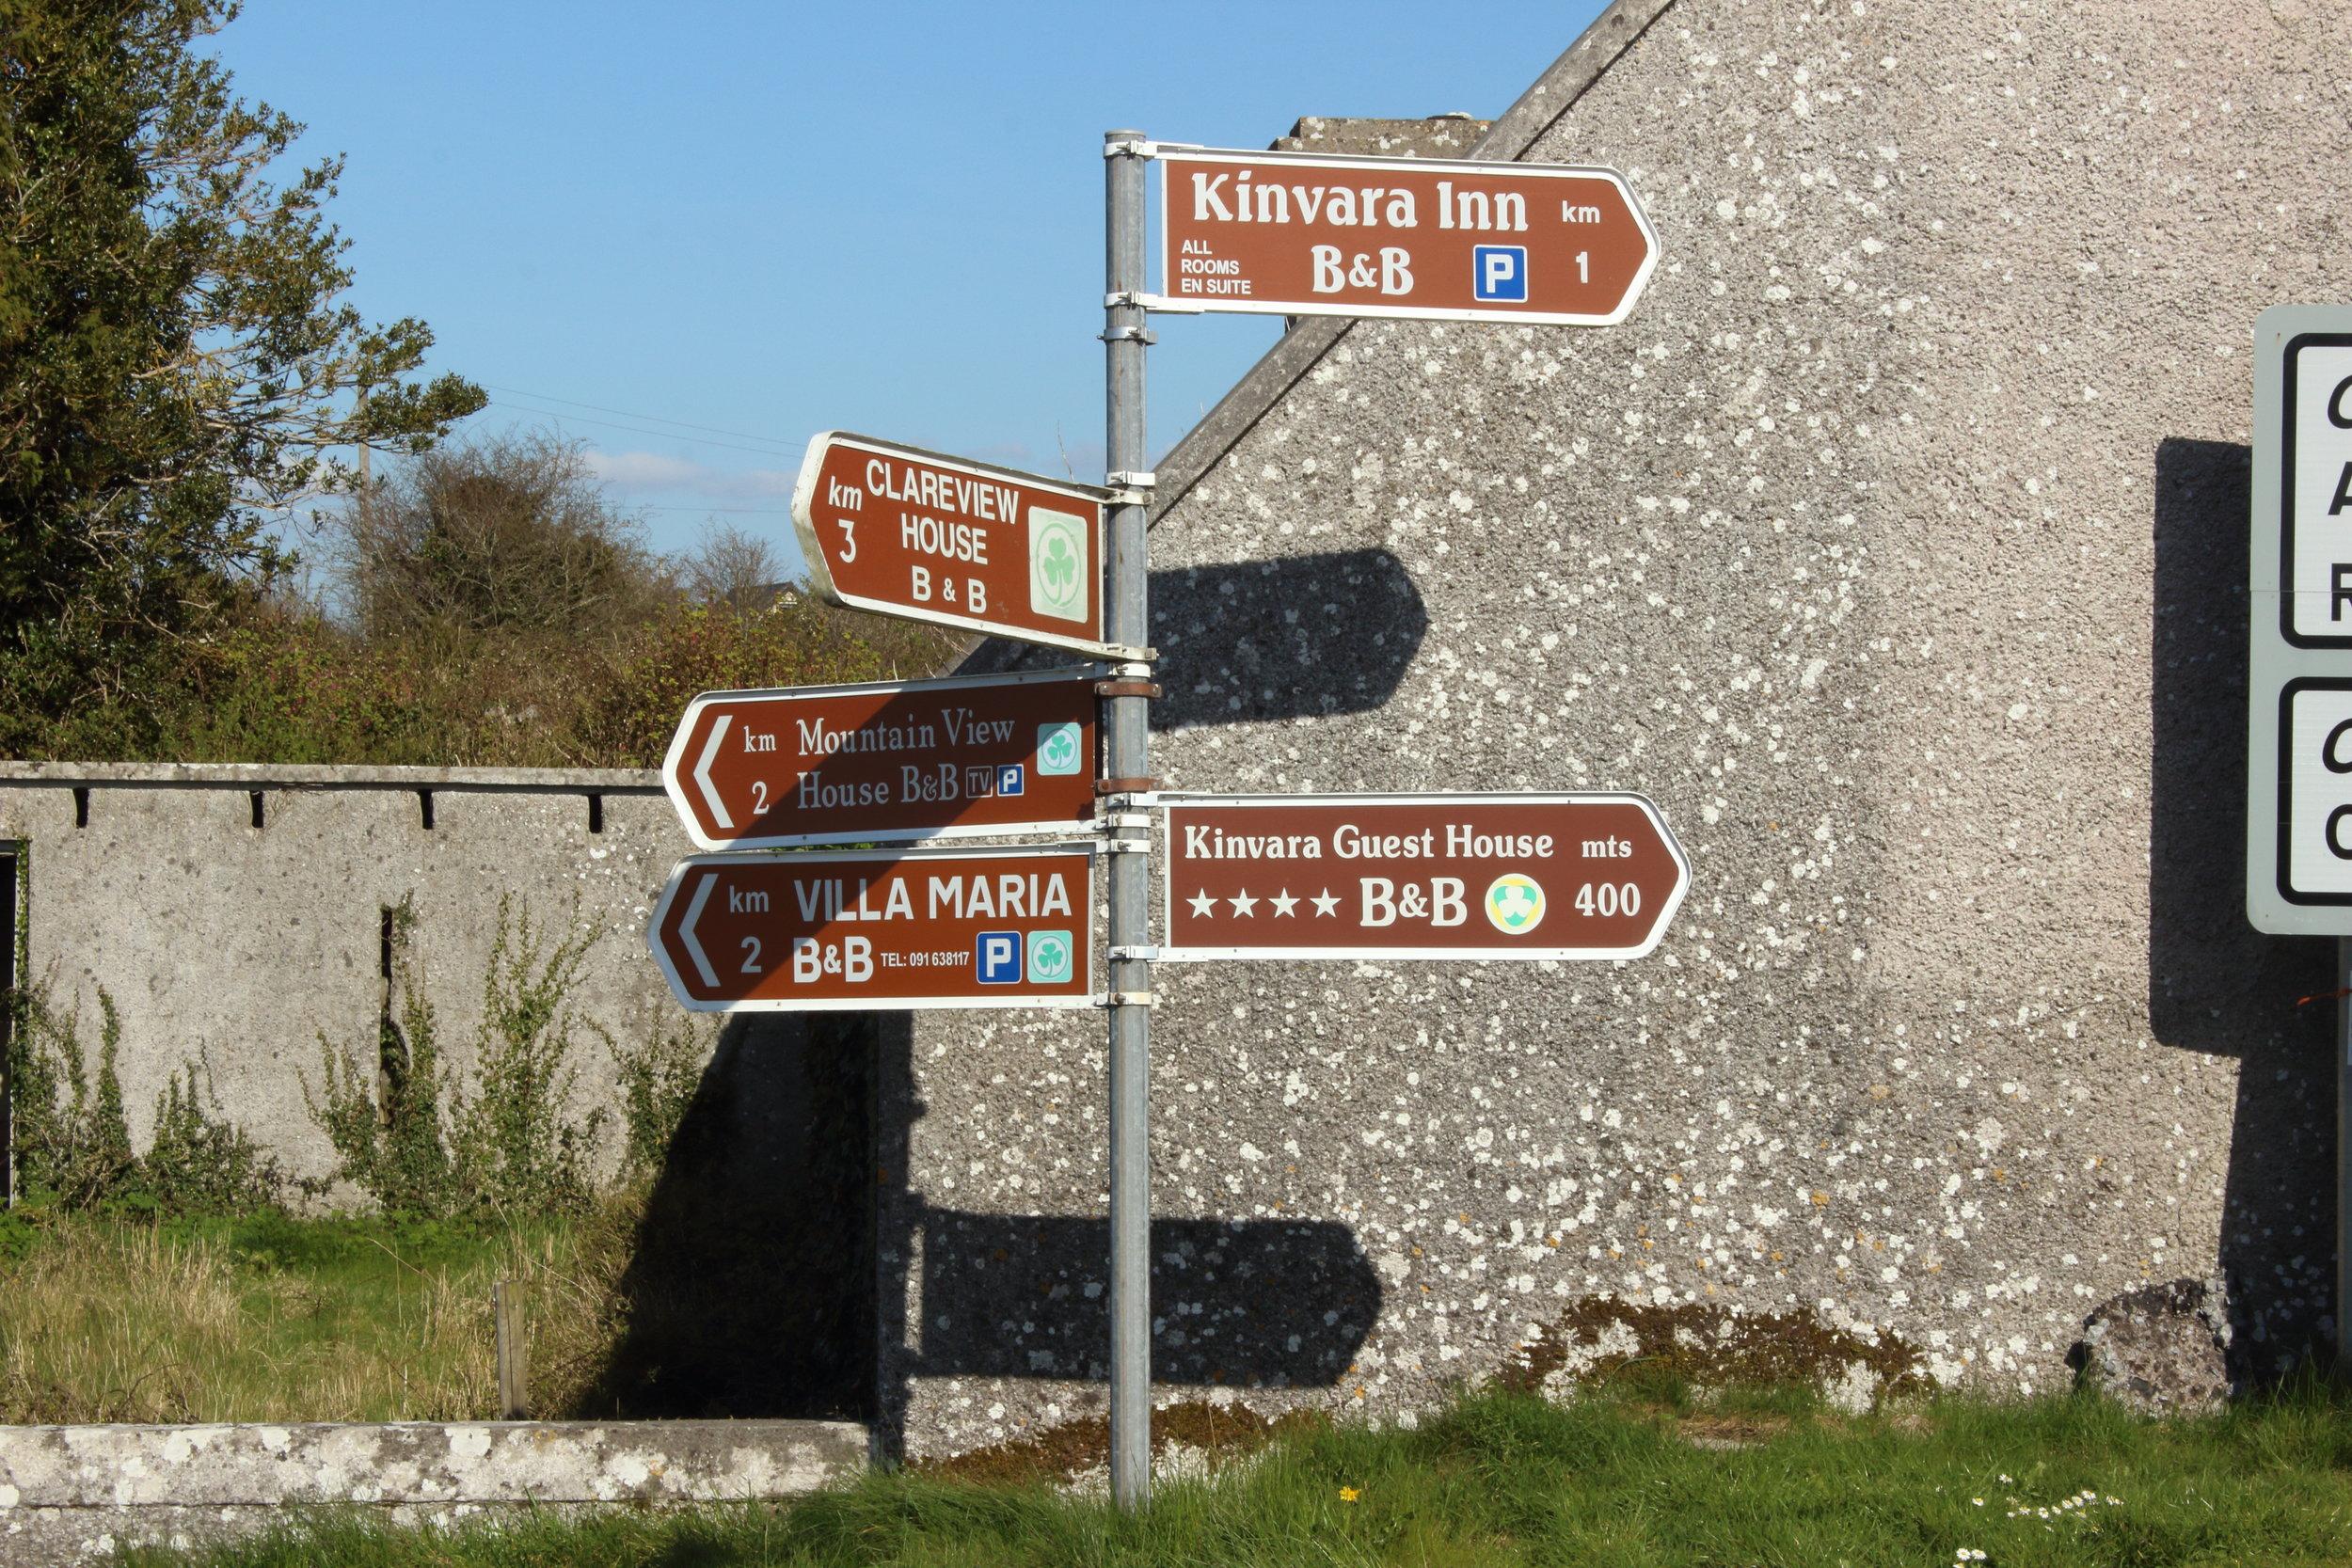 So many Irish choices!